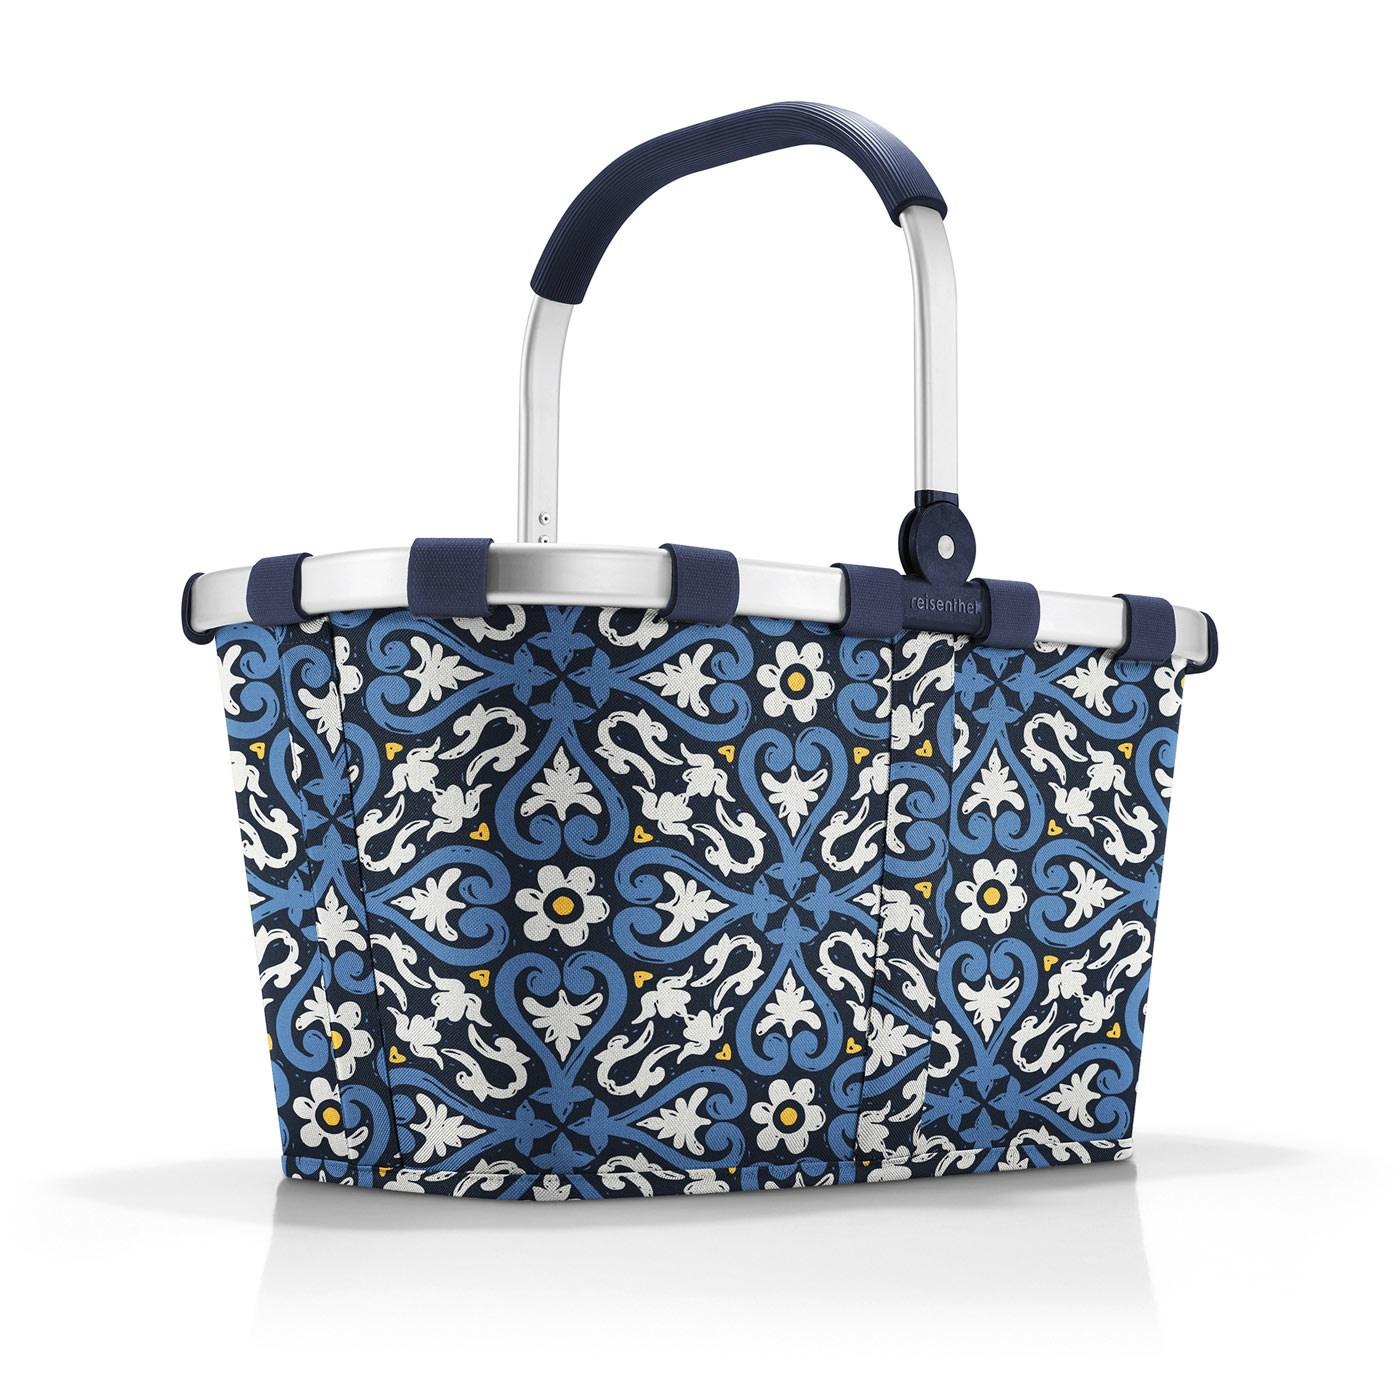 Nákupní košík Carrybag floral 1_5